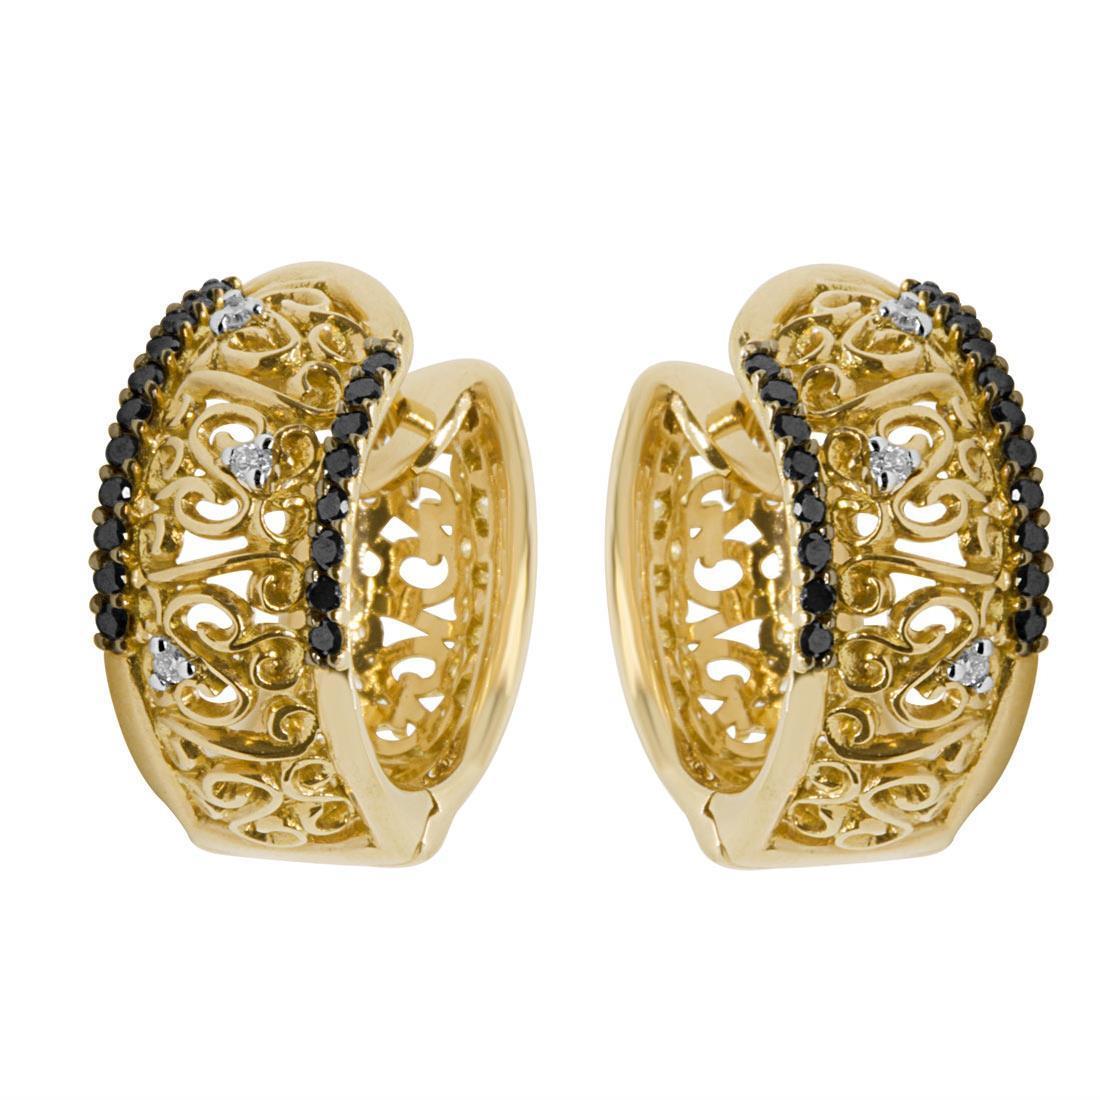 Orecchini a cerchio in oro giallo con diamanti bianchi e neri - ALFIERI ST JOHN